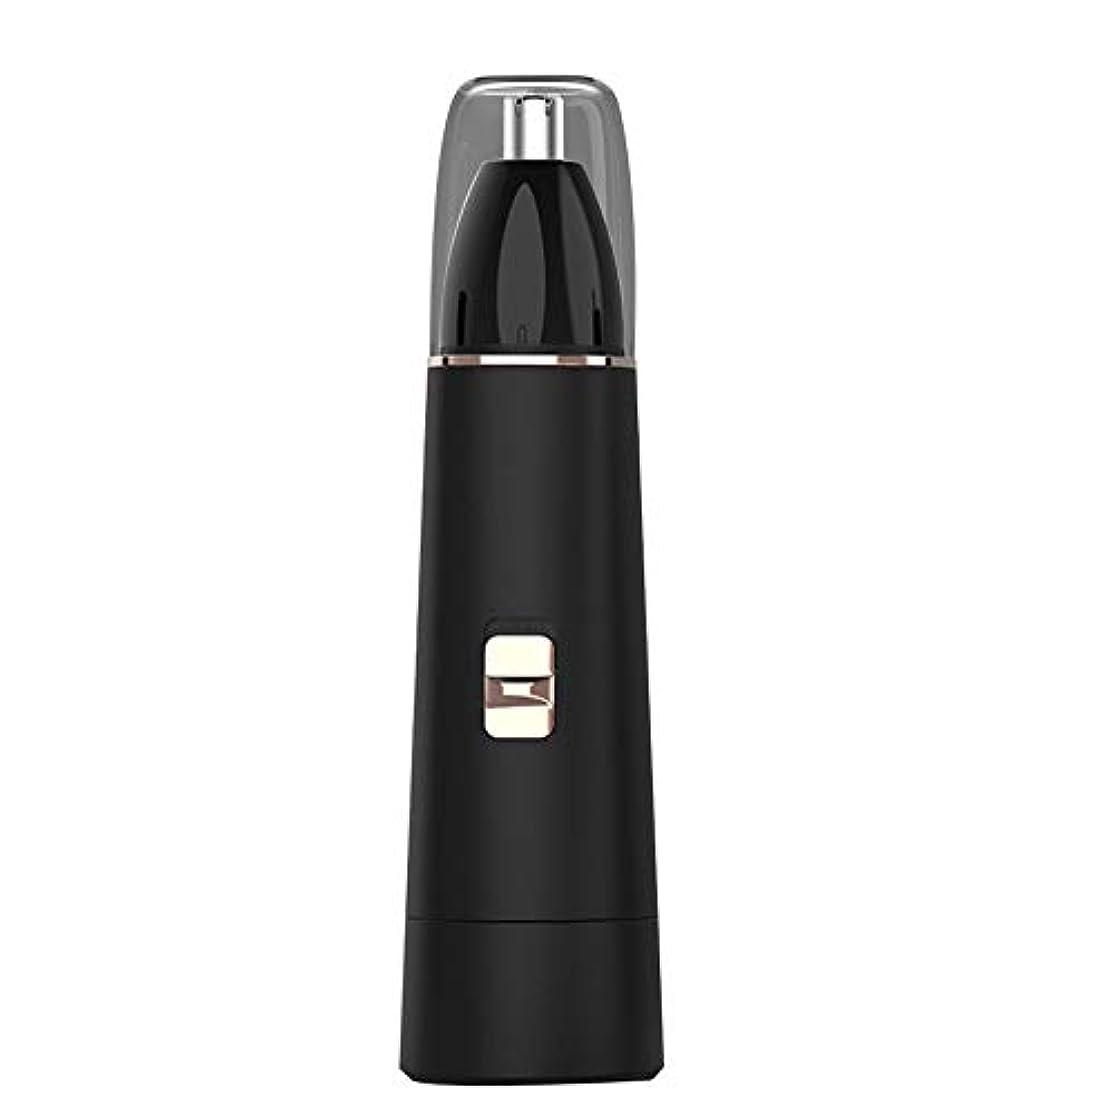 鼻毛トリマー-USB充電式電動鼻毛トリマー/ABS素材/多機能 使いやすい